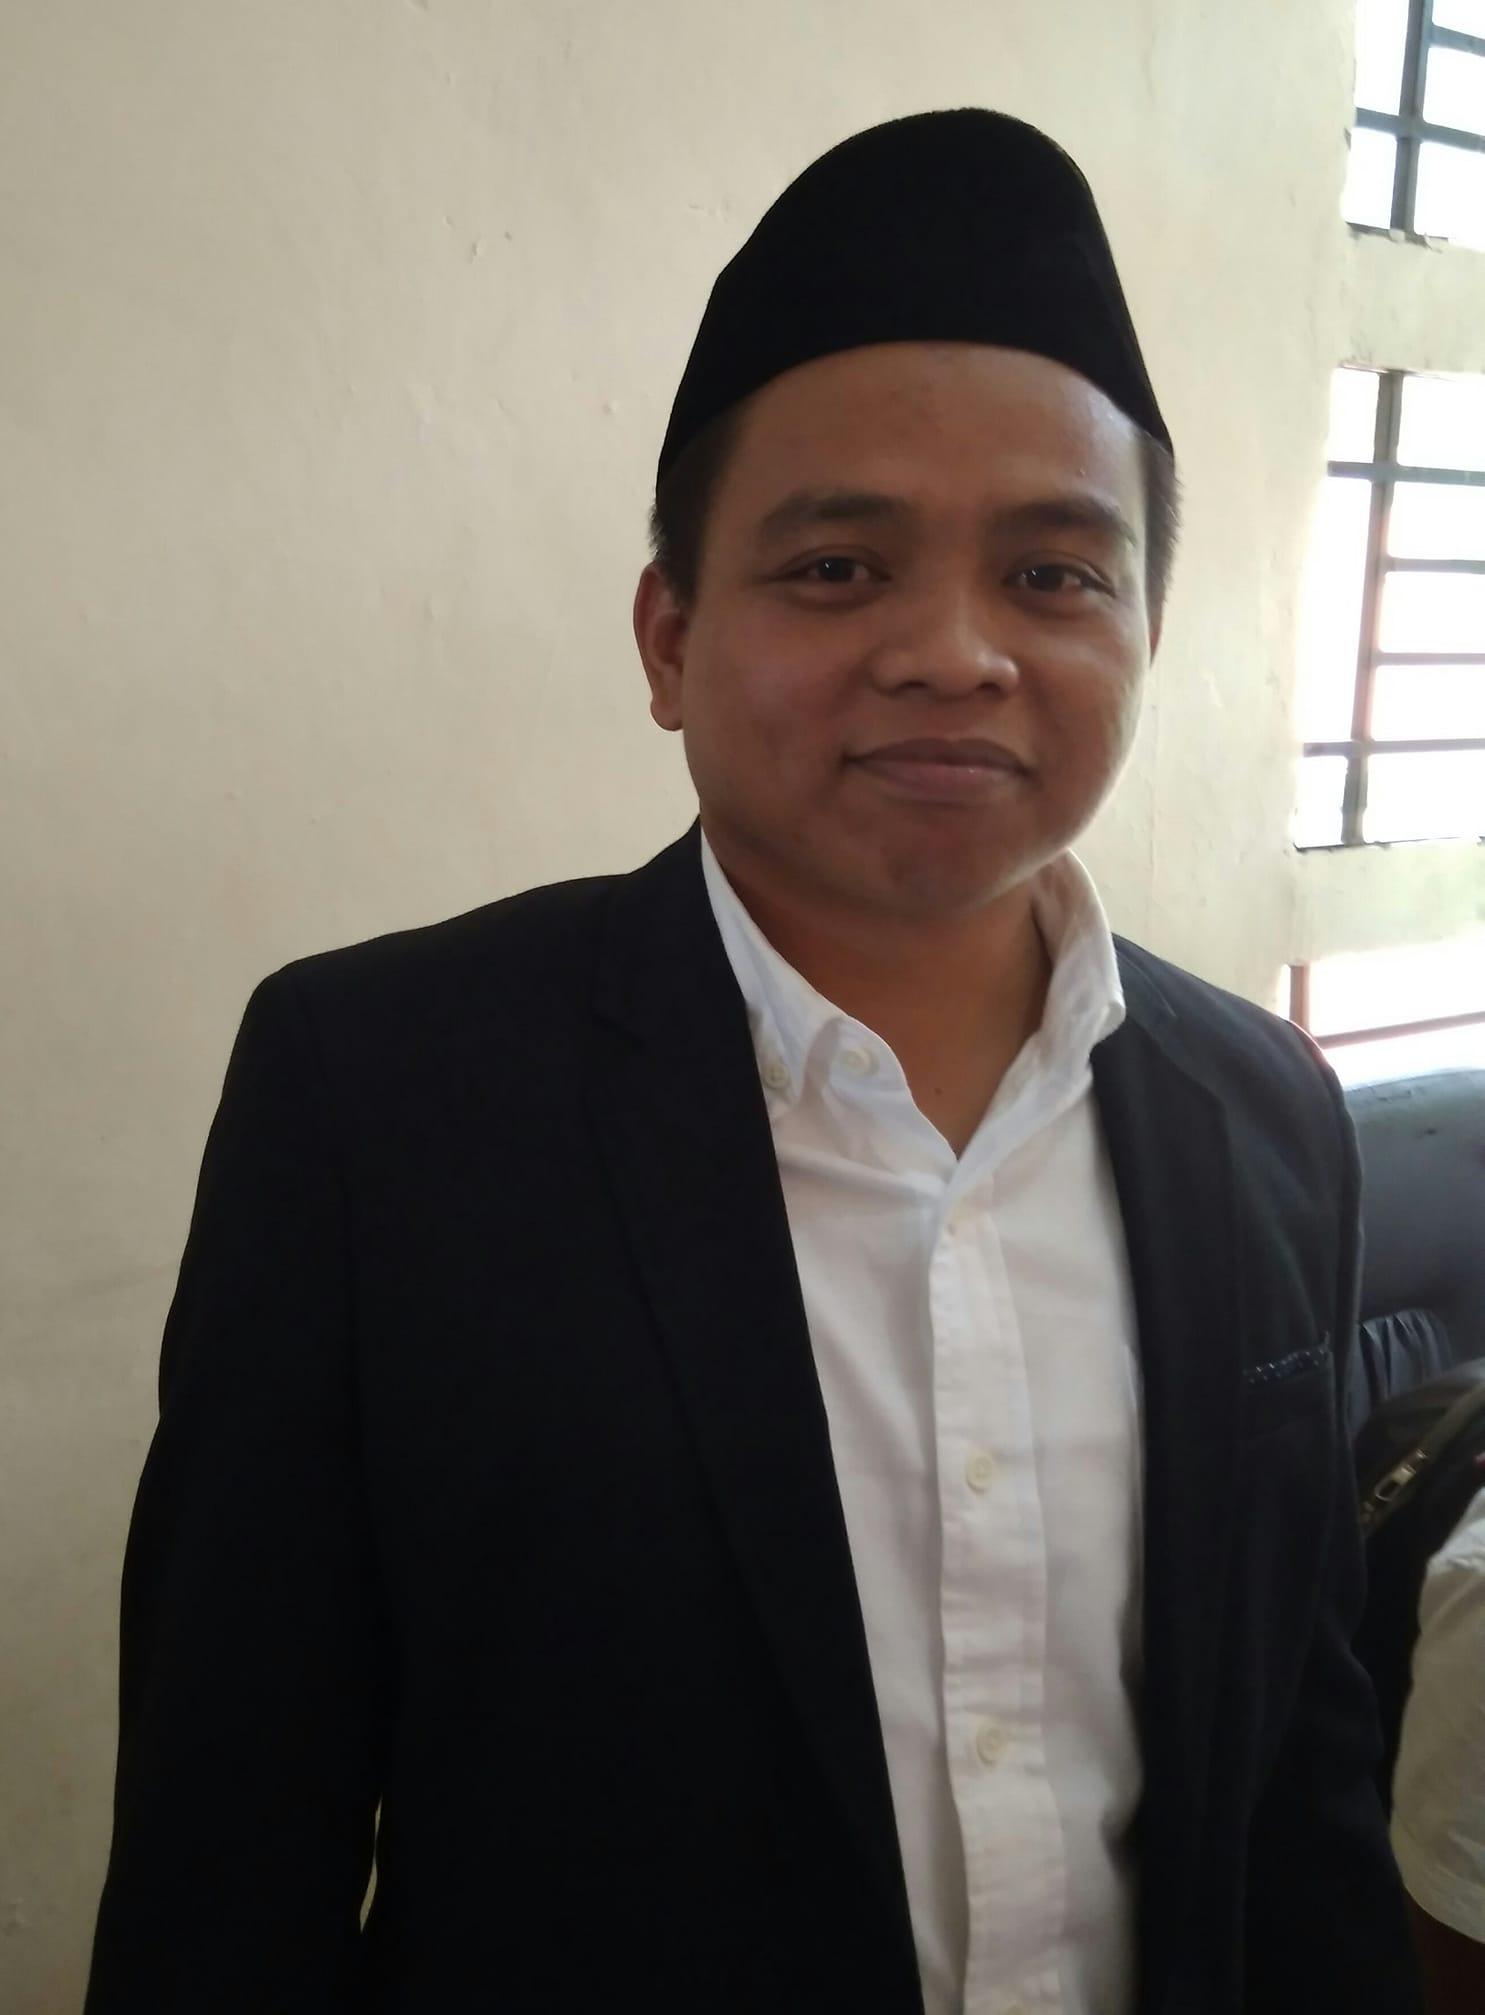 Anggota KPU Luwu Utara, Surpiadi Halim